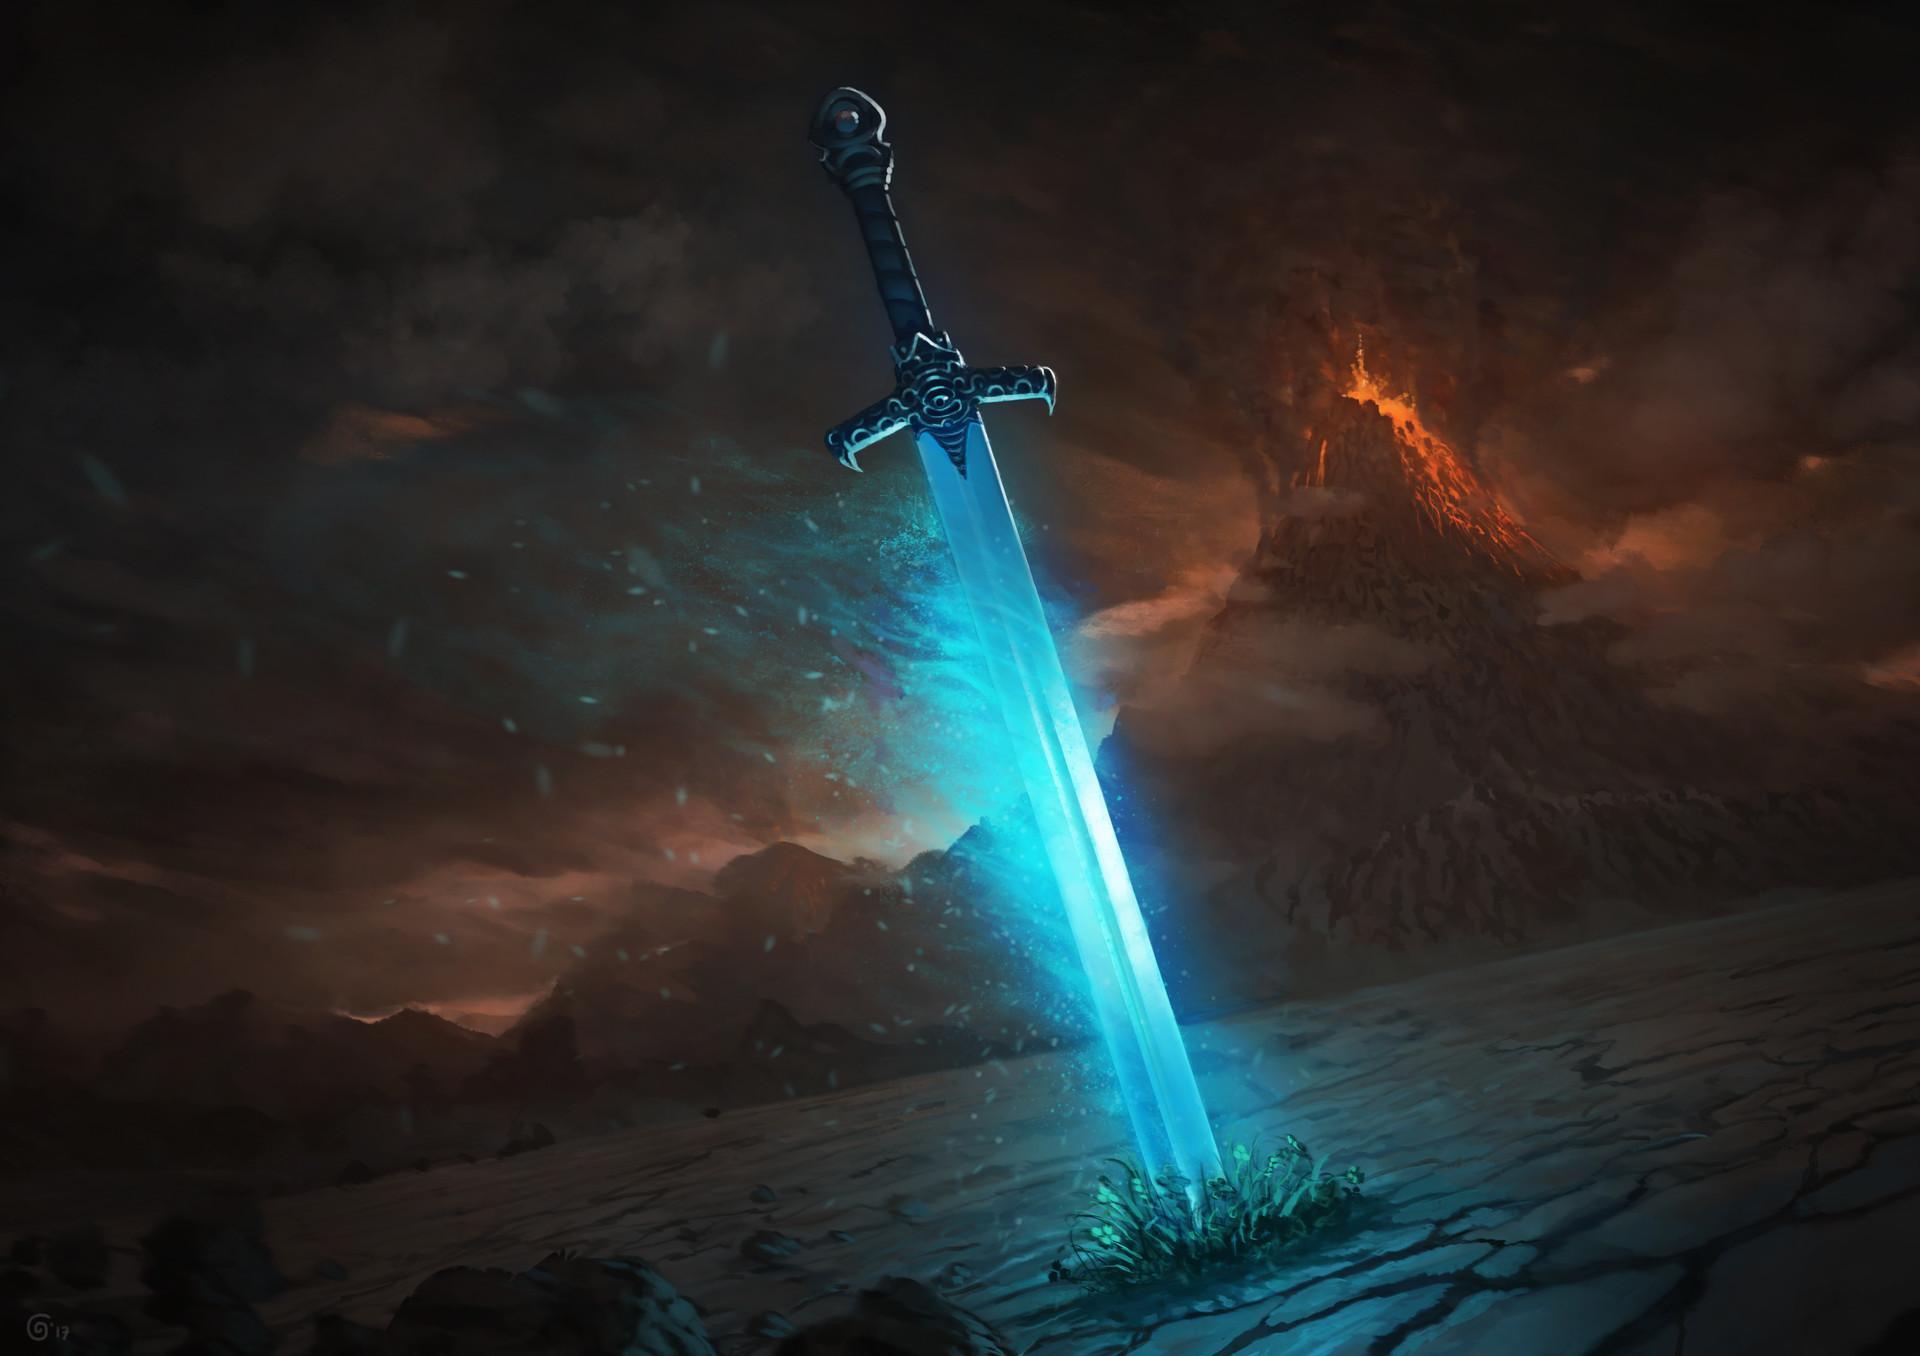 """<p>Фото © <a href=""""https://www.deviantart.com/gabrix89/art/The-mystic-sword-672294366"""" target=""""_blank"""" rel=""""noopener noreferrer"""">DevinArt</a></p>"""